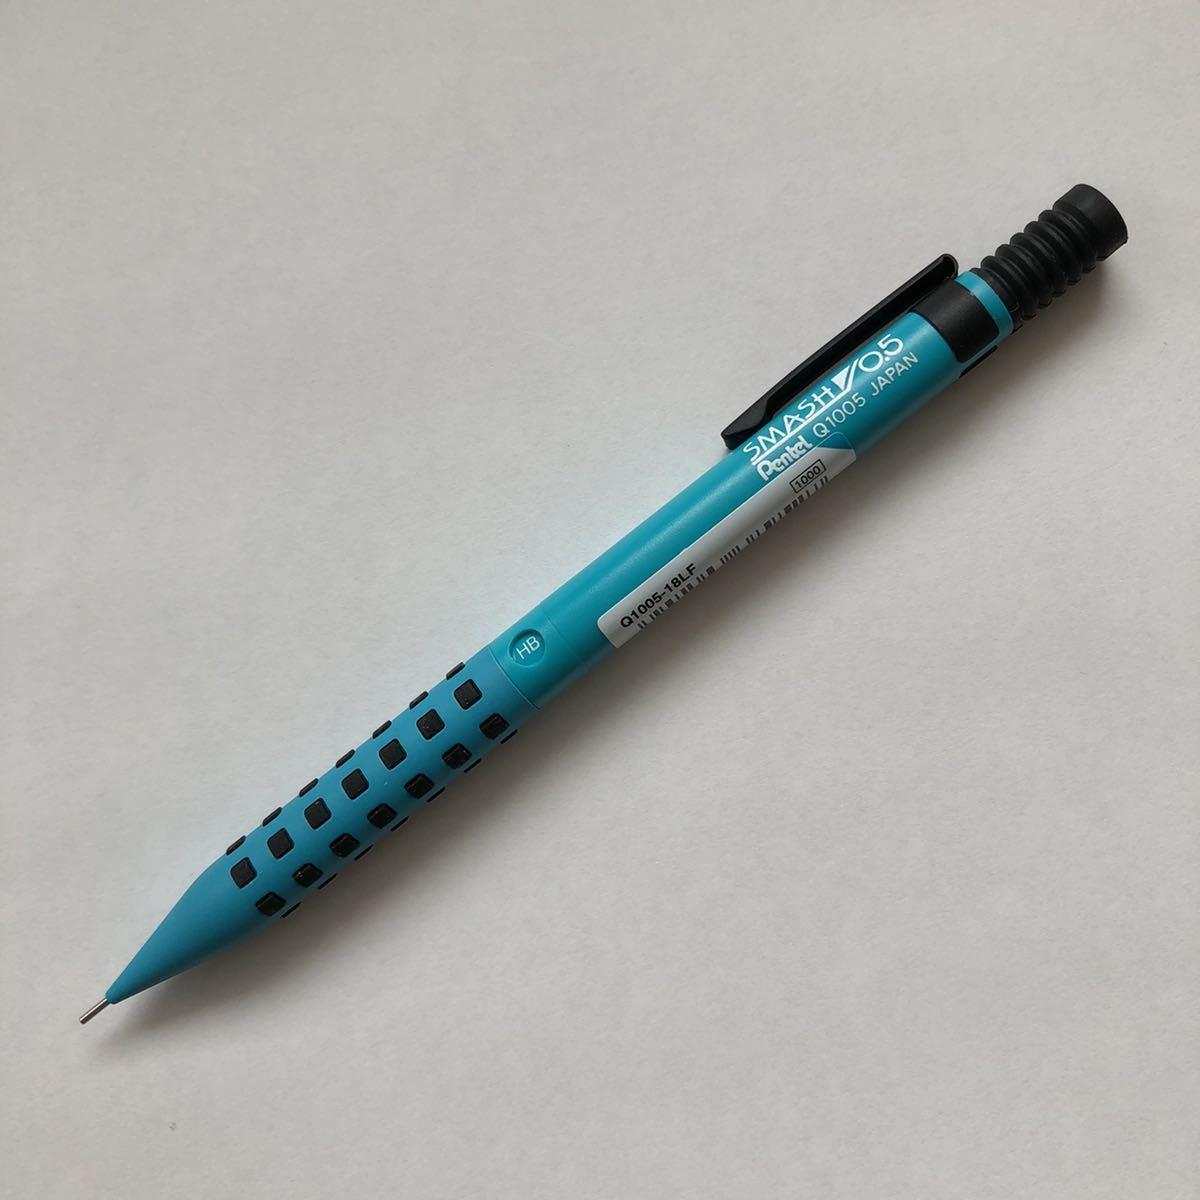 送料無料 新色パープル ターコイズグリーン 新品スマッシュロフト限定カラー2本 LOFT シャープペンシルシャーペン0.5mmぺんてる未使用_画像3